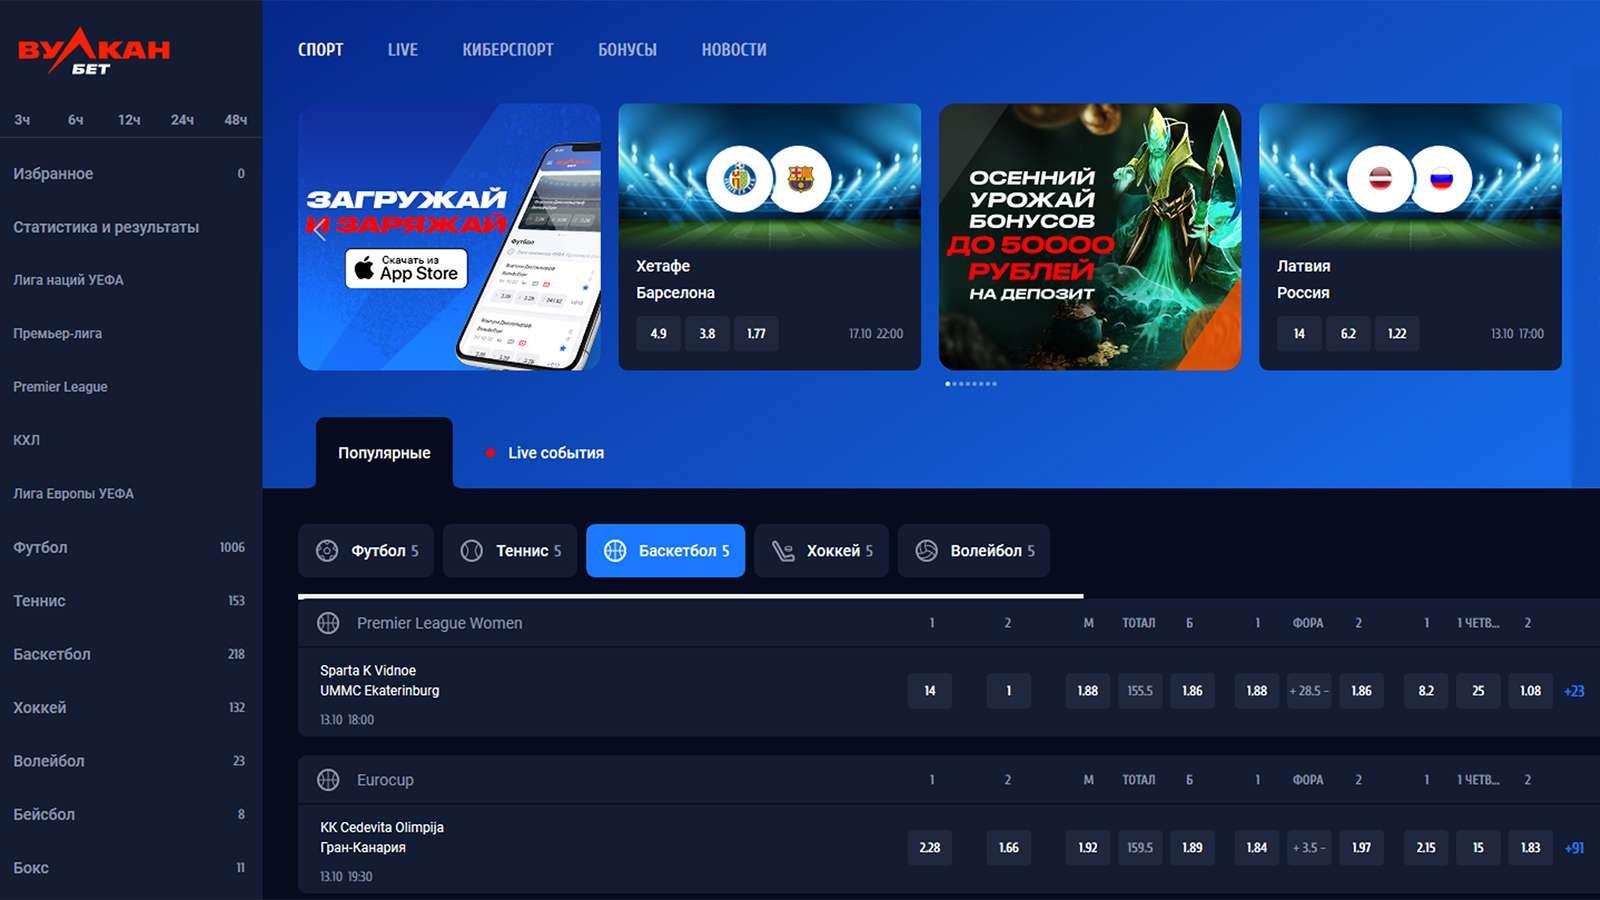 Вулкан Бет - предложения и услуги от официального сайта букмекерской конторы